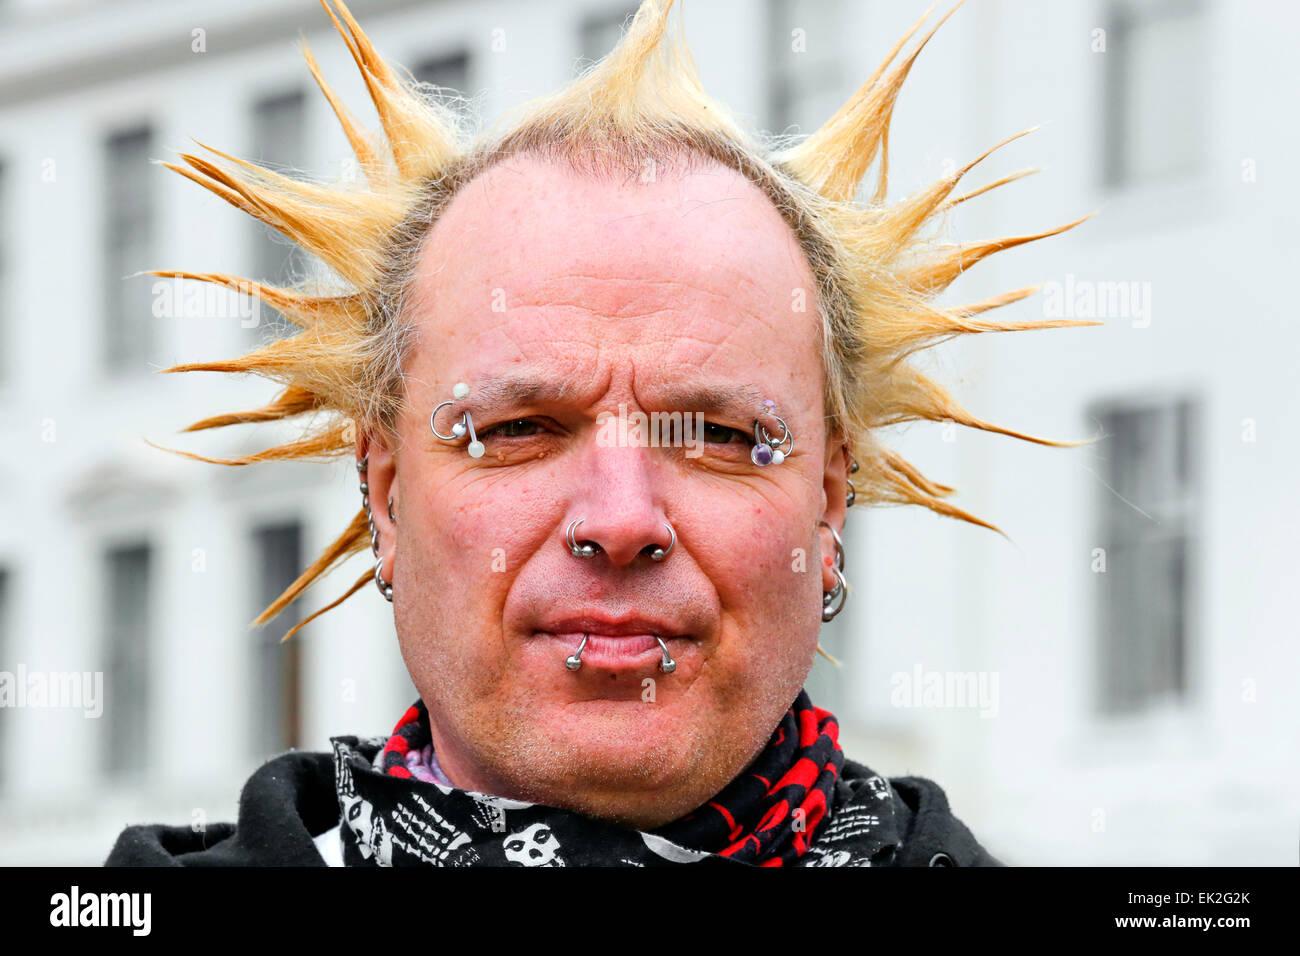 Coupe De Cheveux Punk Homme homme avec coupe de cheveux punk et le visage goujons, glasgow